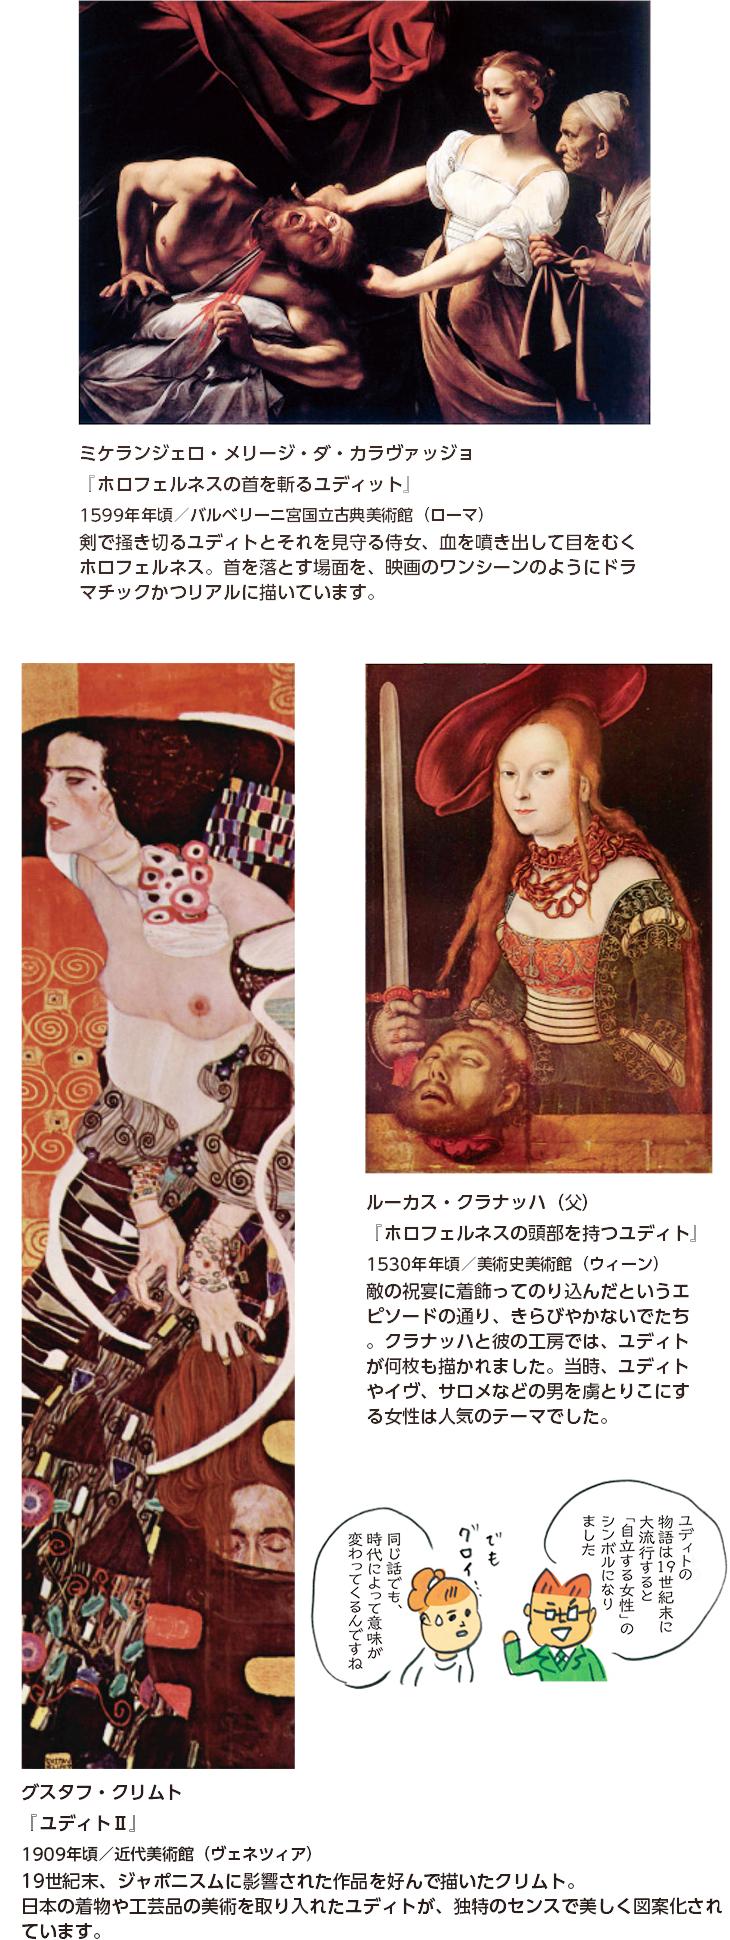 ミケランジェロ・メリージ・ダ・カラヴァッジョ 『ホロフェルネスの首を斬るユディット』1599年年頃/バルベリーニ宮国立古典美術館(ローマ)剣で掻き切るユディトとそれを見守る侍女、血を噴き出して目をむくホロフェルネス。首を落とす場面を、映画のワンシーンのようにドラマチックかつリアルに描いています。 ルーカス・クラナッハ(父)『ホロフェルネスの頭部を持つユディト』1530年年頃/美術史美術館(ウィーン) 敵の祝宴に着飾ってのり込んだというエピソードの通り、きらびやかないでたち。クラナッハと彼の工房では、ユディトが何枚も描かれました。当時、ユディトやイヴ、サロメなどの男を虜とりこにする女性は人気のテーマでした。 グスタフ・クリムト『ユディトⅡ』1909年頃/近代美術館(ヴェネツィア) 19世紀末、ジャポニスムに影響された作品を好んで描いたクリムト。日本の着物や工芸品の美術を取り入れたユディトが、独特のセンスで美しく図案化されています。